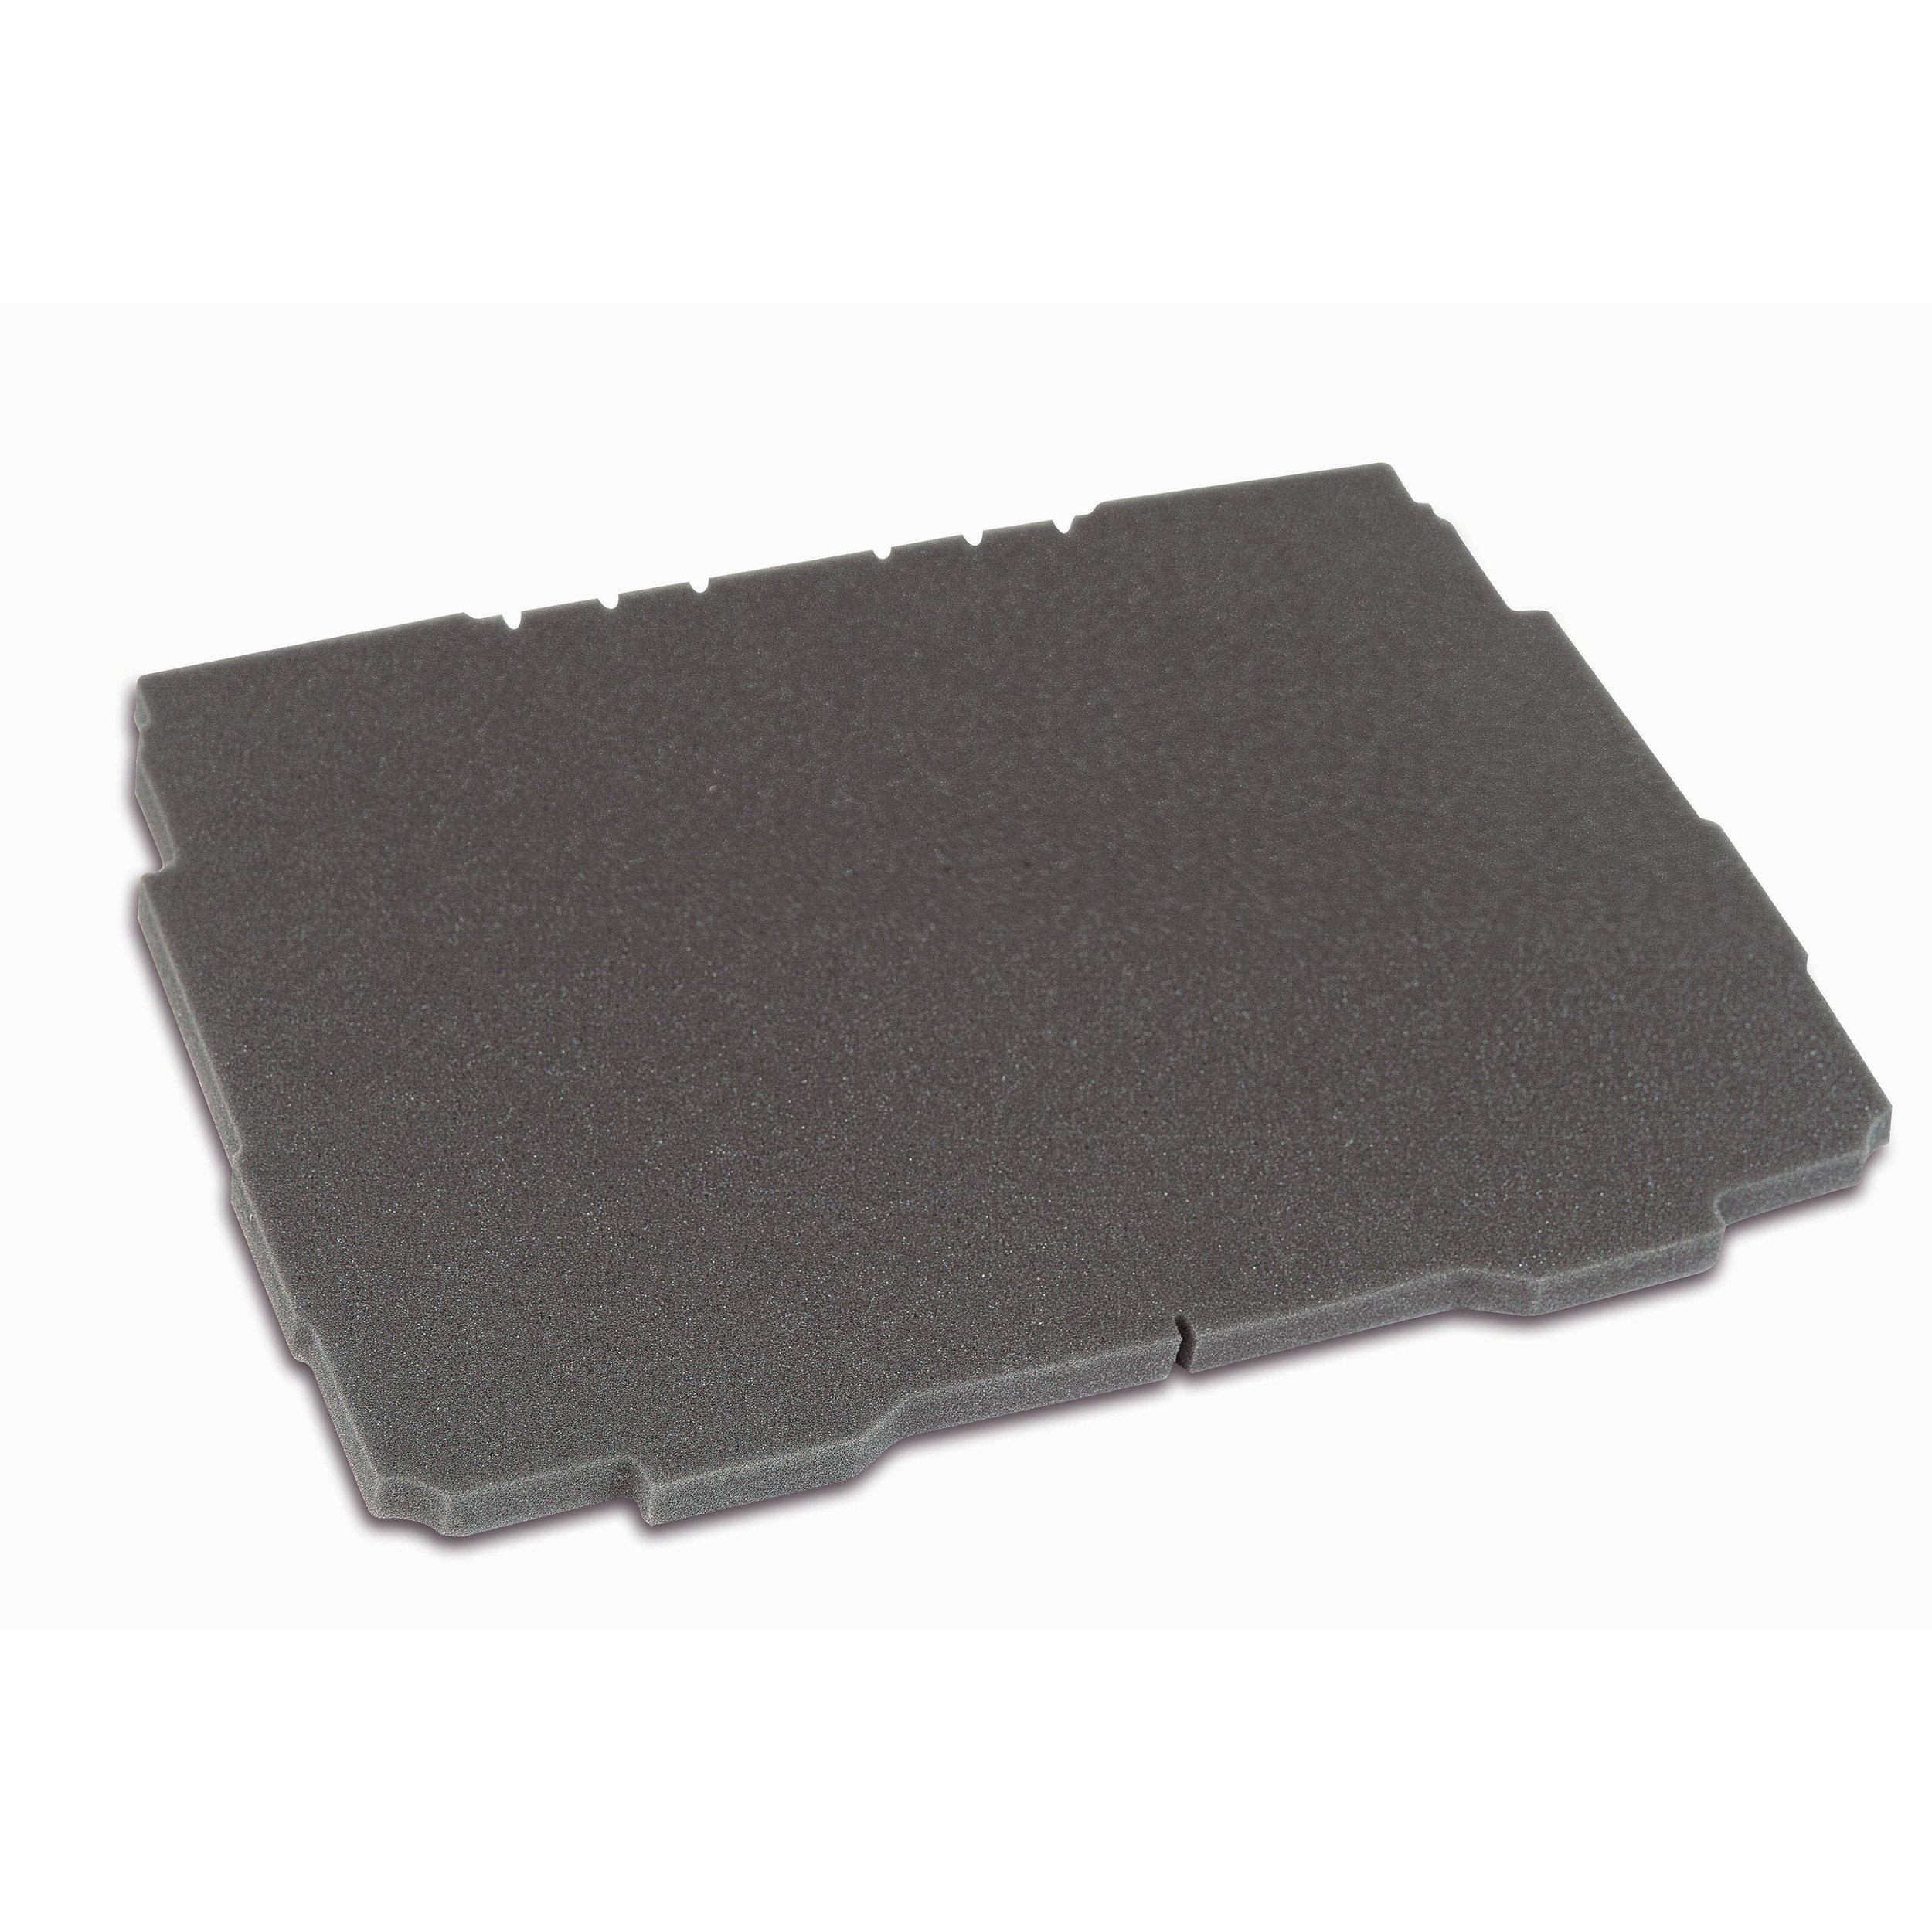 Base Foam, 15 mm for Multimaster Insert